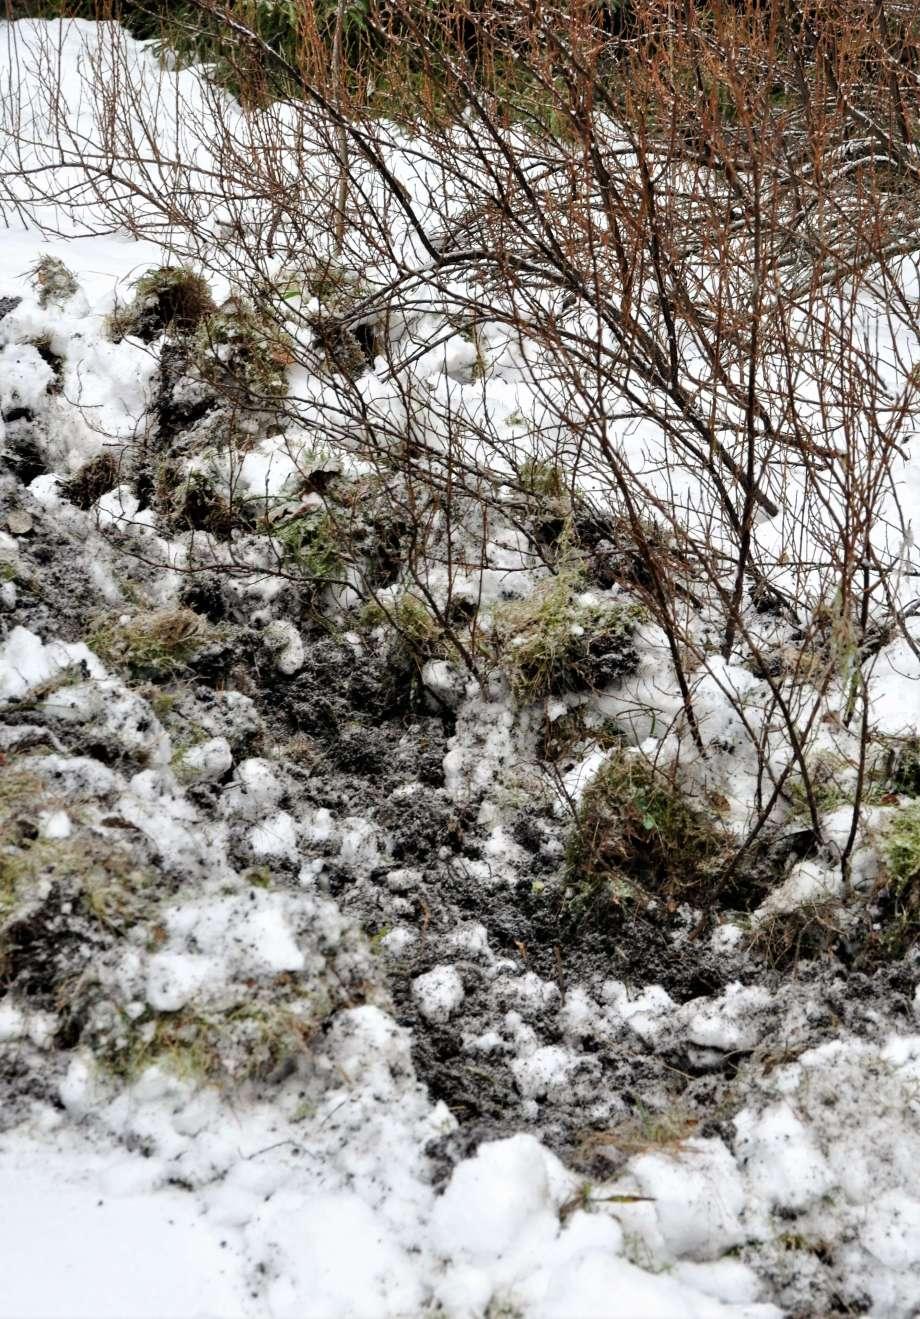 uppbökad djupfryst mark vildsvin